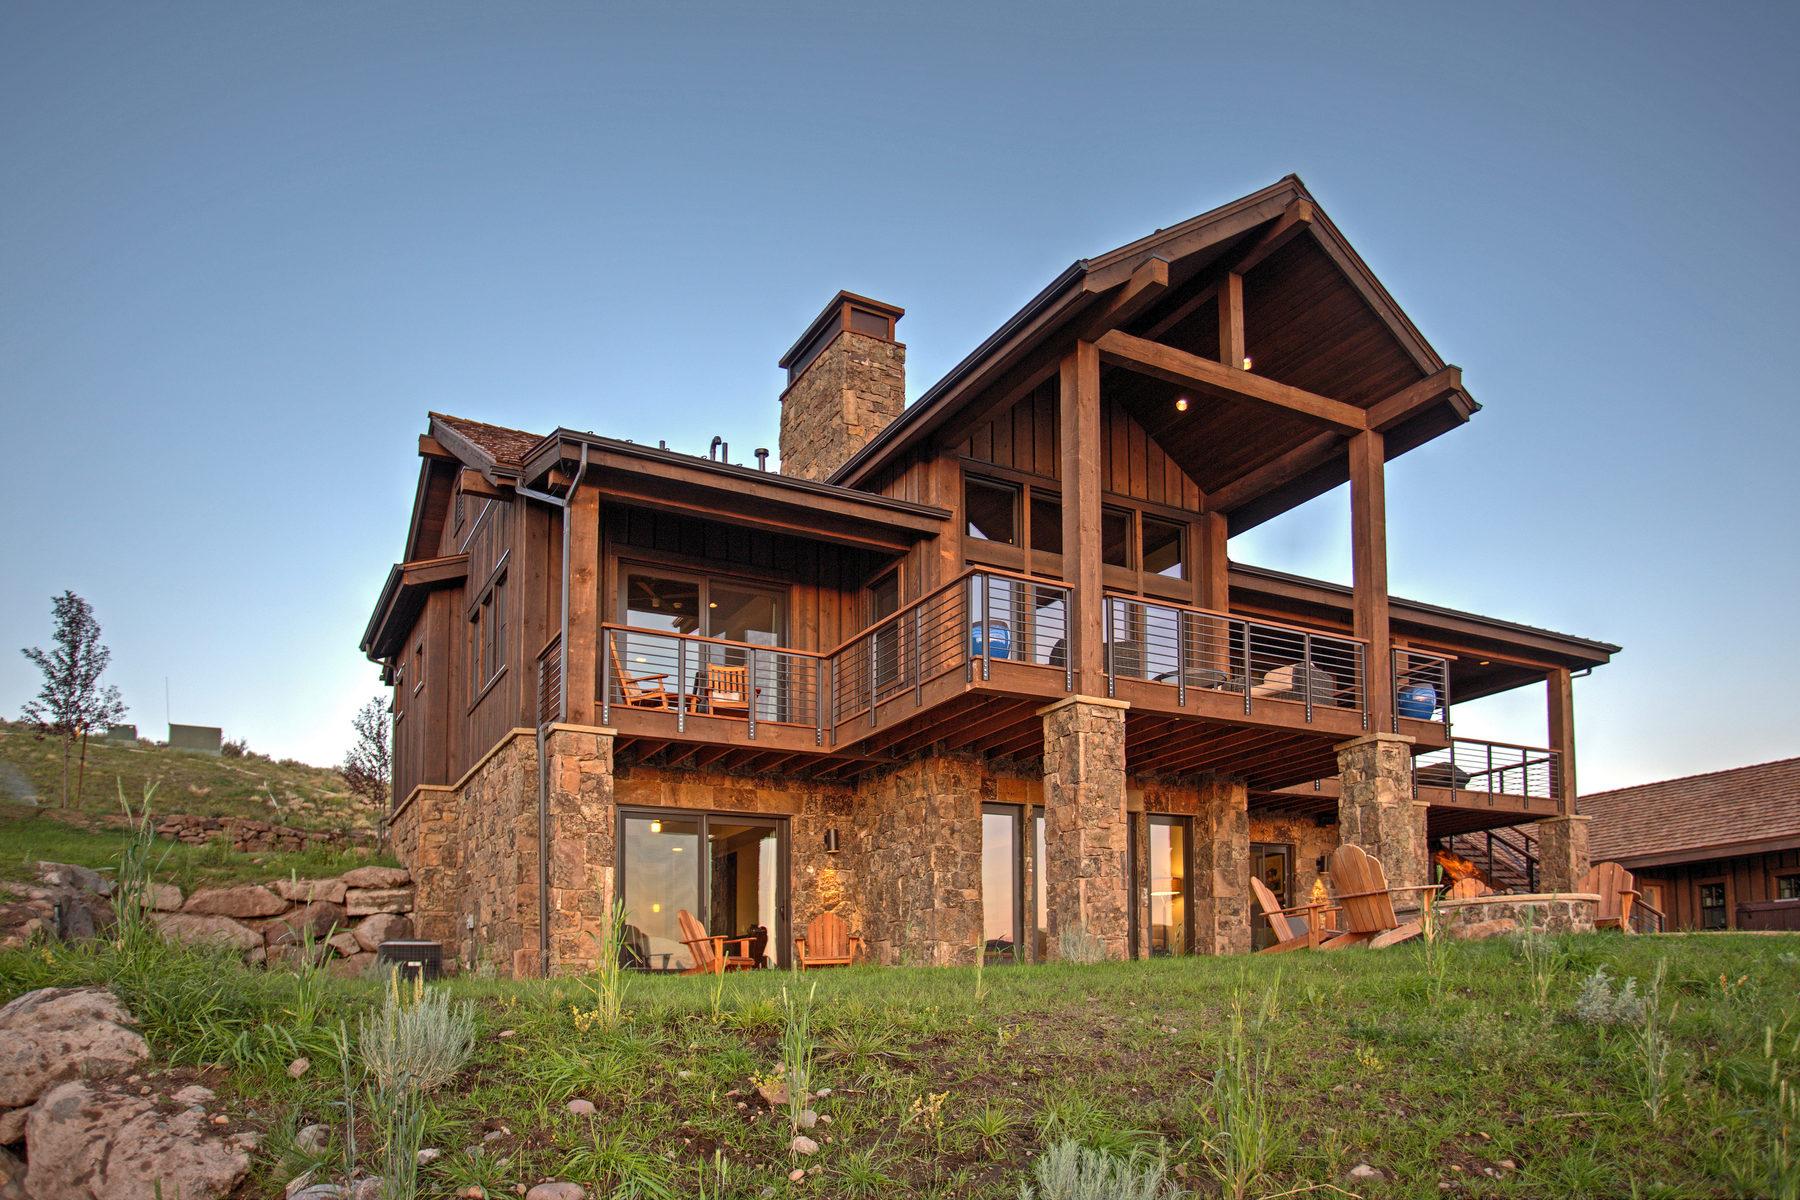 Частный односемейный дом для того Продажа на Juniper Cabin with Spectacular Views 7049 N Rees Jones Way #171 Heber City, Юта 84032 Соединенные Штаты